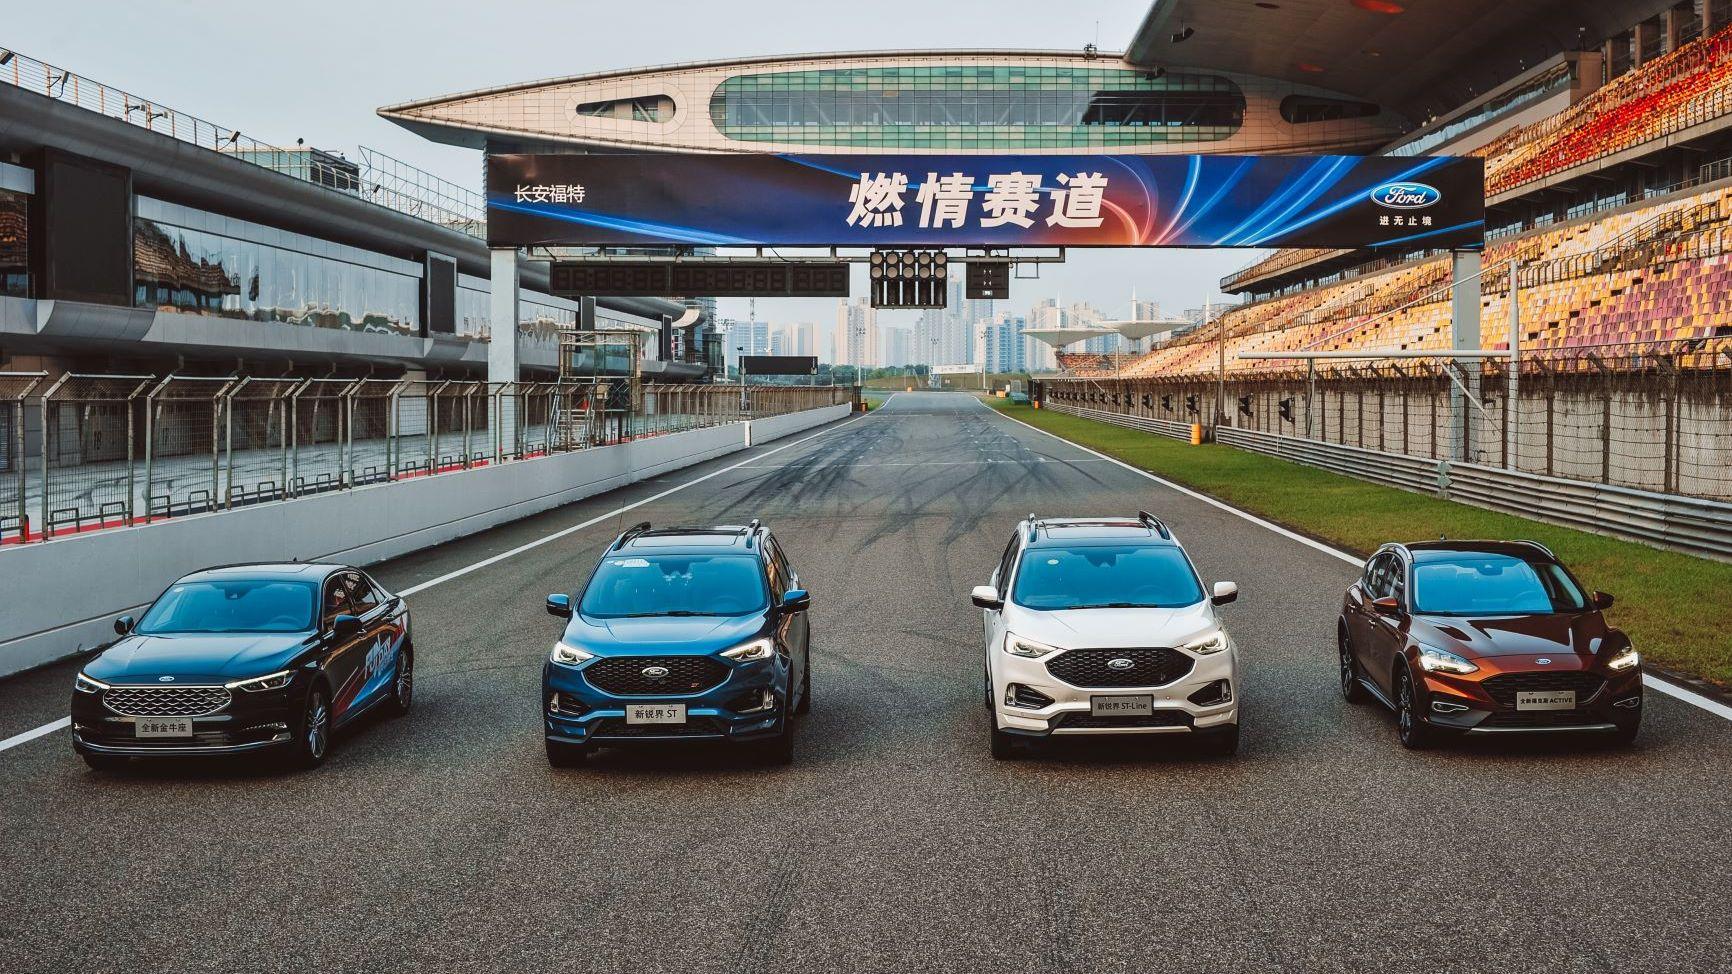 2019年8月16日,长安福特三款新车在上海正式上市,其中